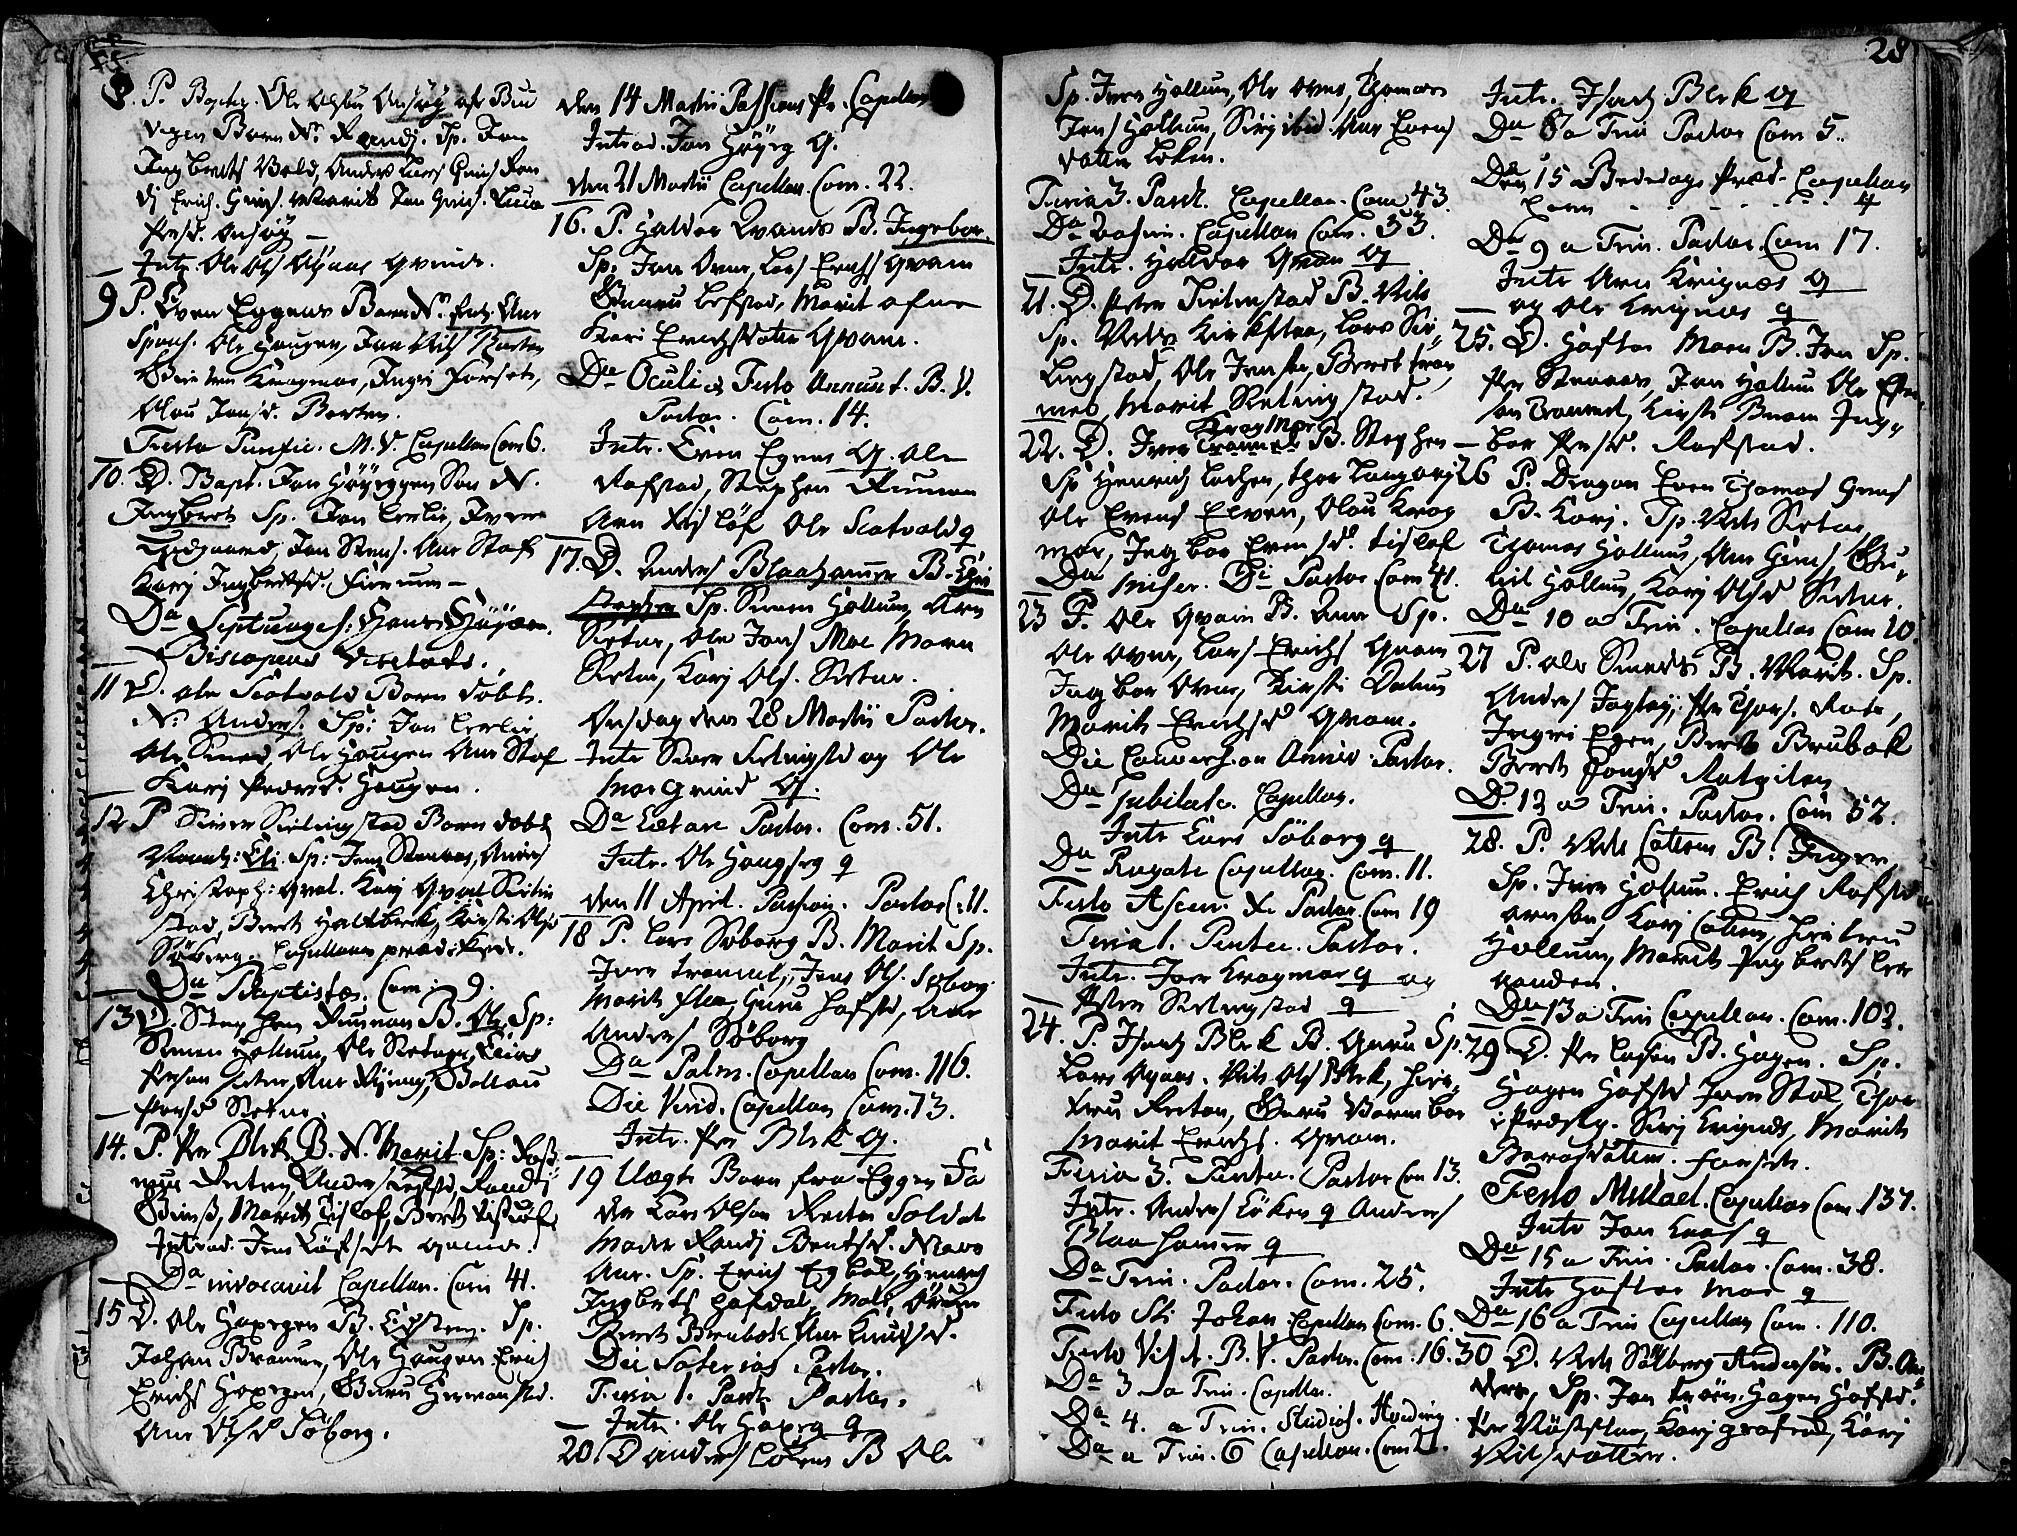 SAT, Ministerialprotokoller, klokkerbøker og fødselsregistre - Sør-Trøndelag, 691/L1057: Ministerialbok nr. 691A01 /1, 1740-1767, s. 28